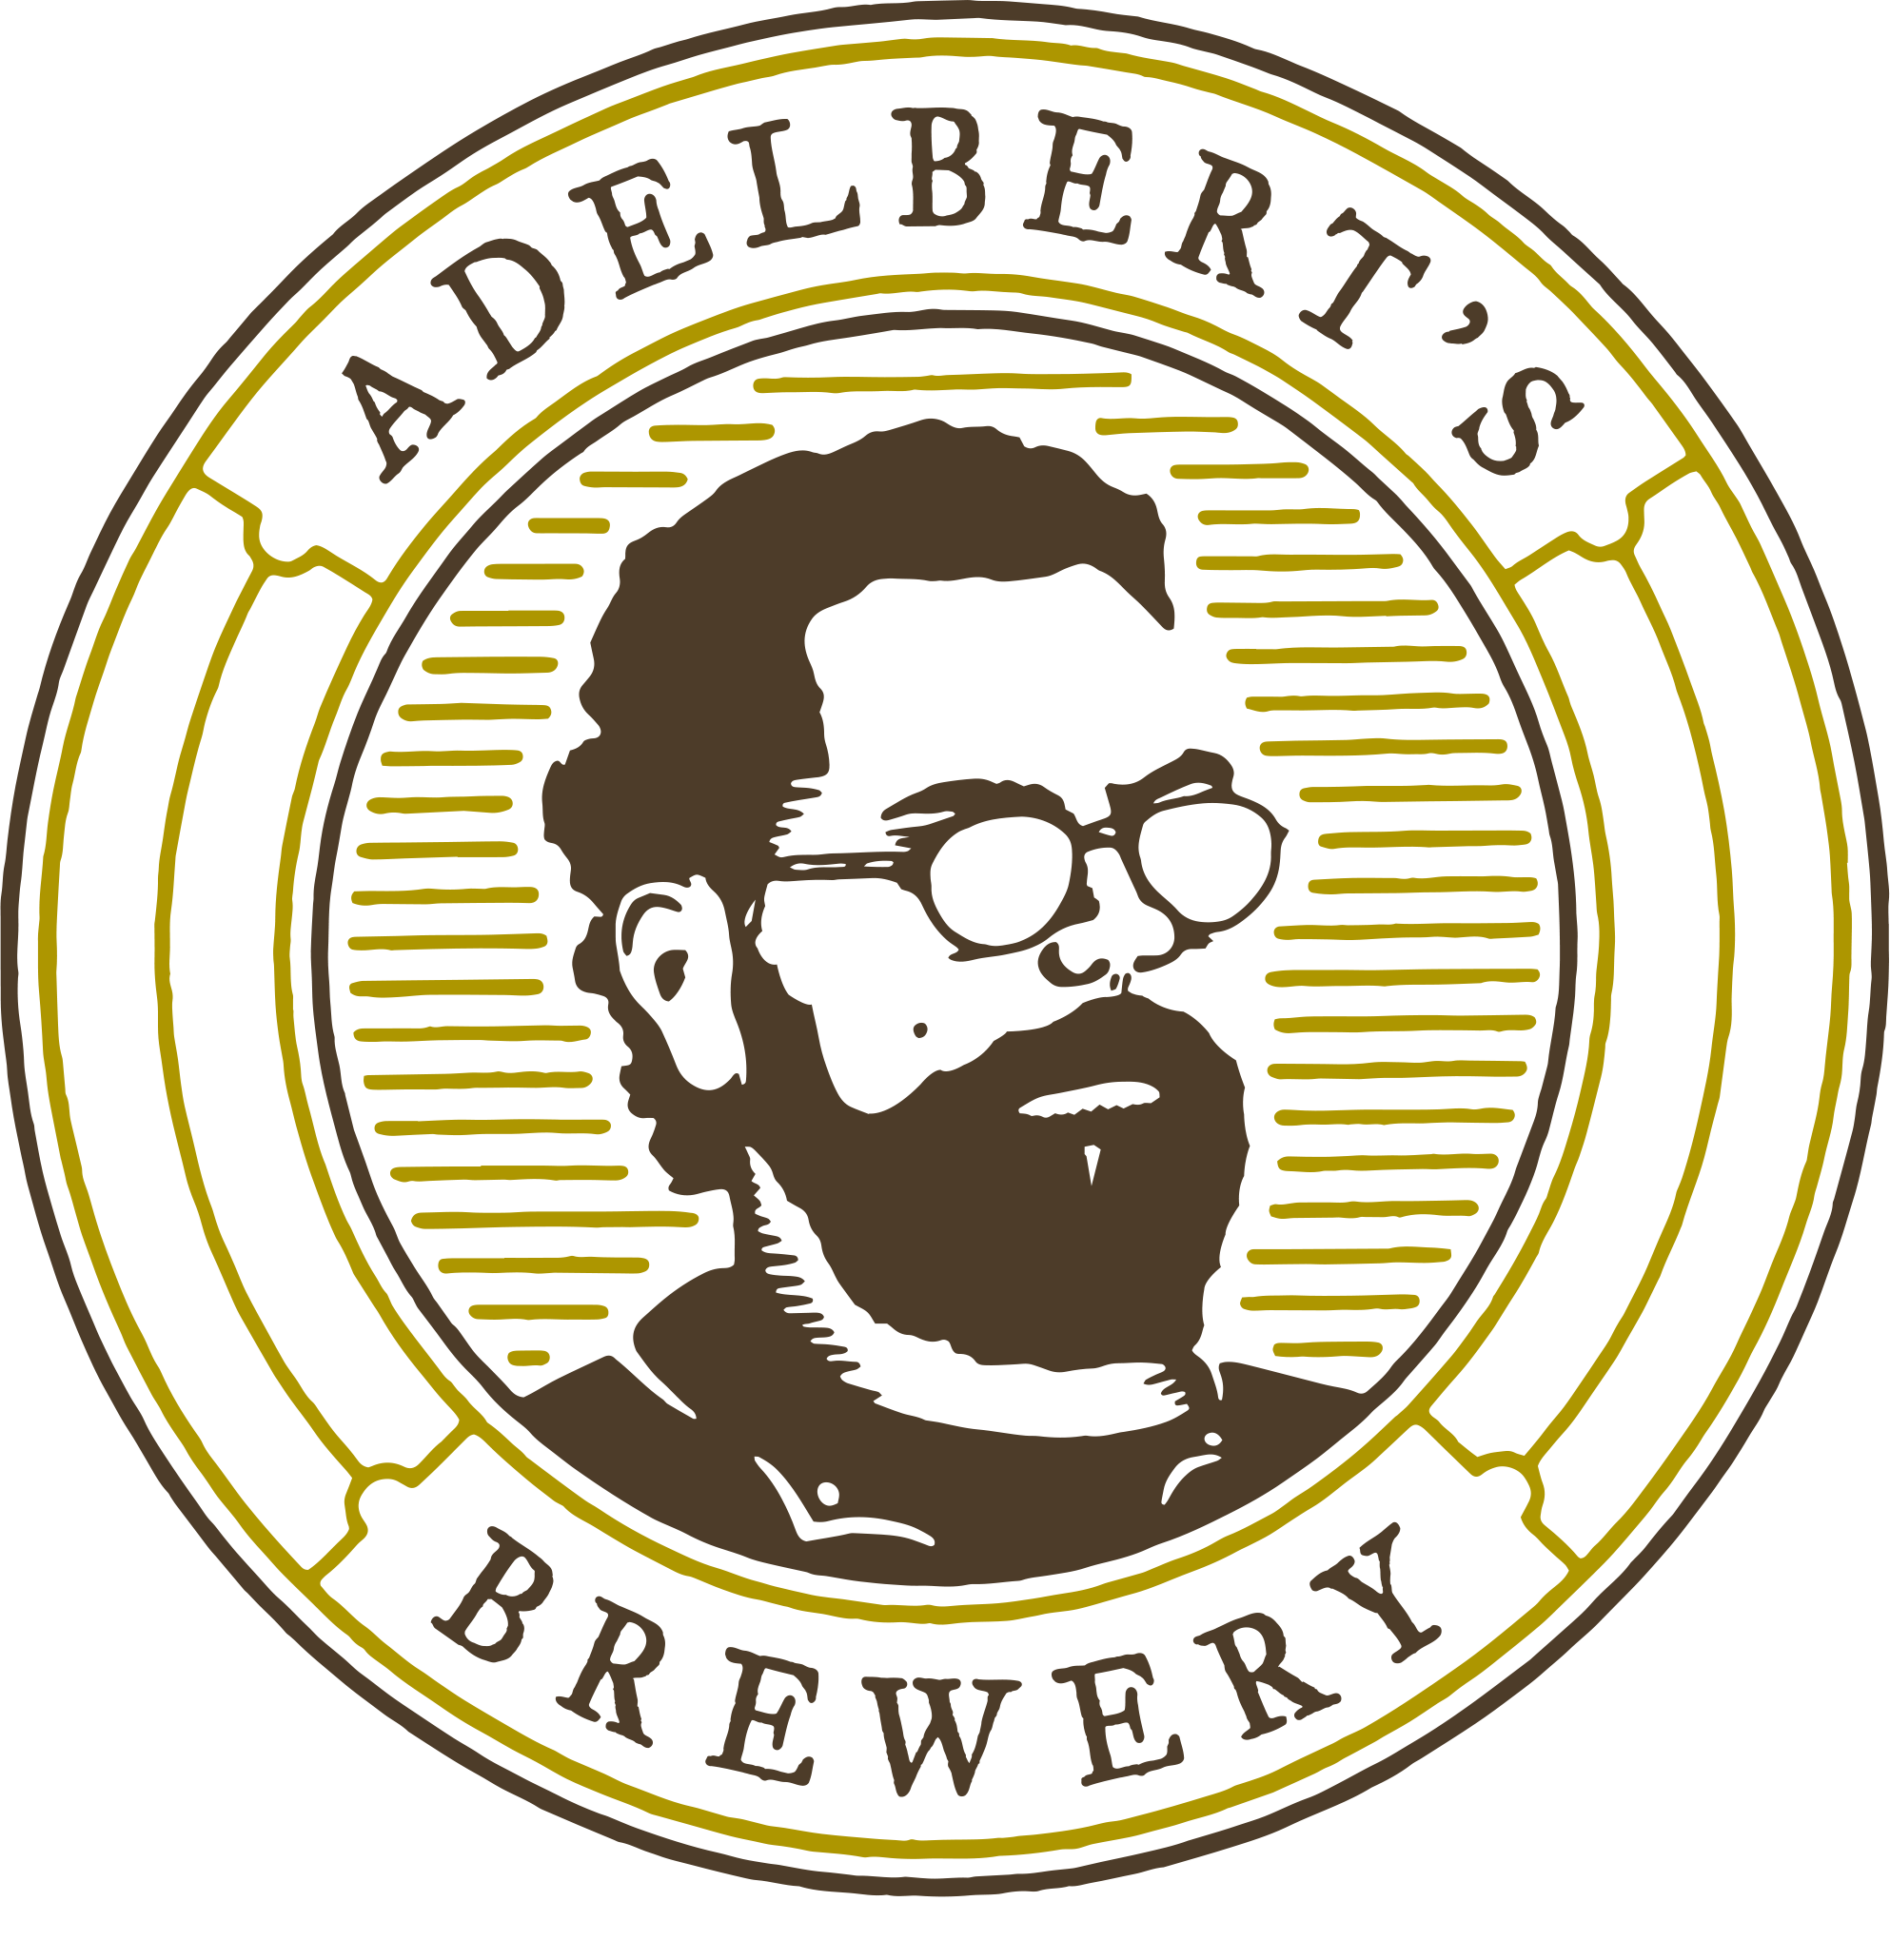 Adelberts_logo.png